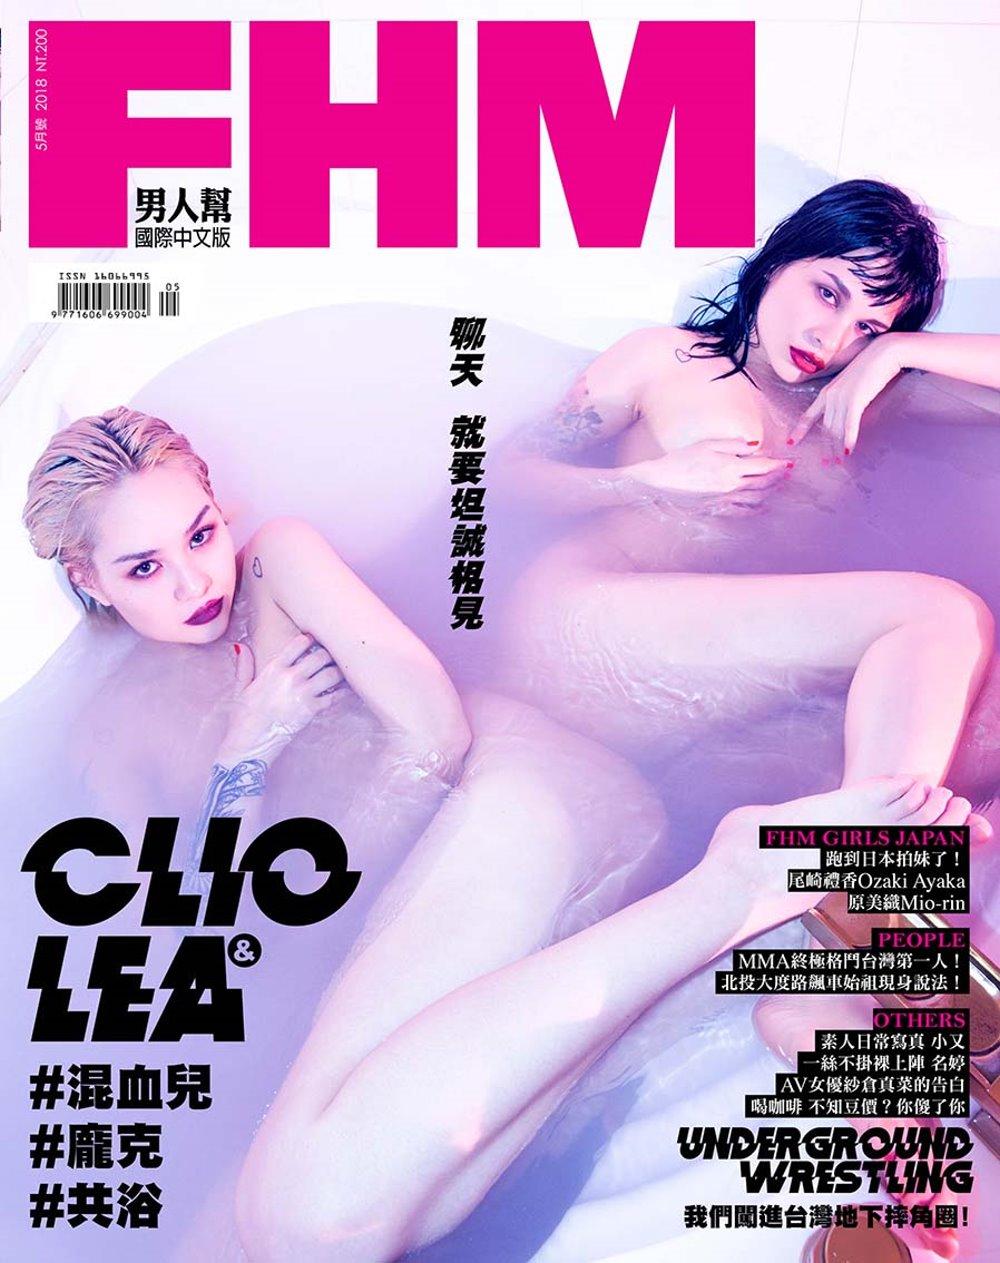 FHM 男人幫國際中文版 5月號/2018 第215期